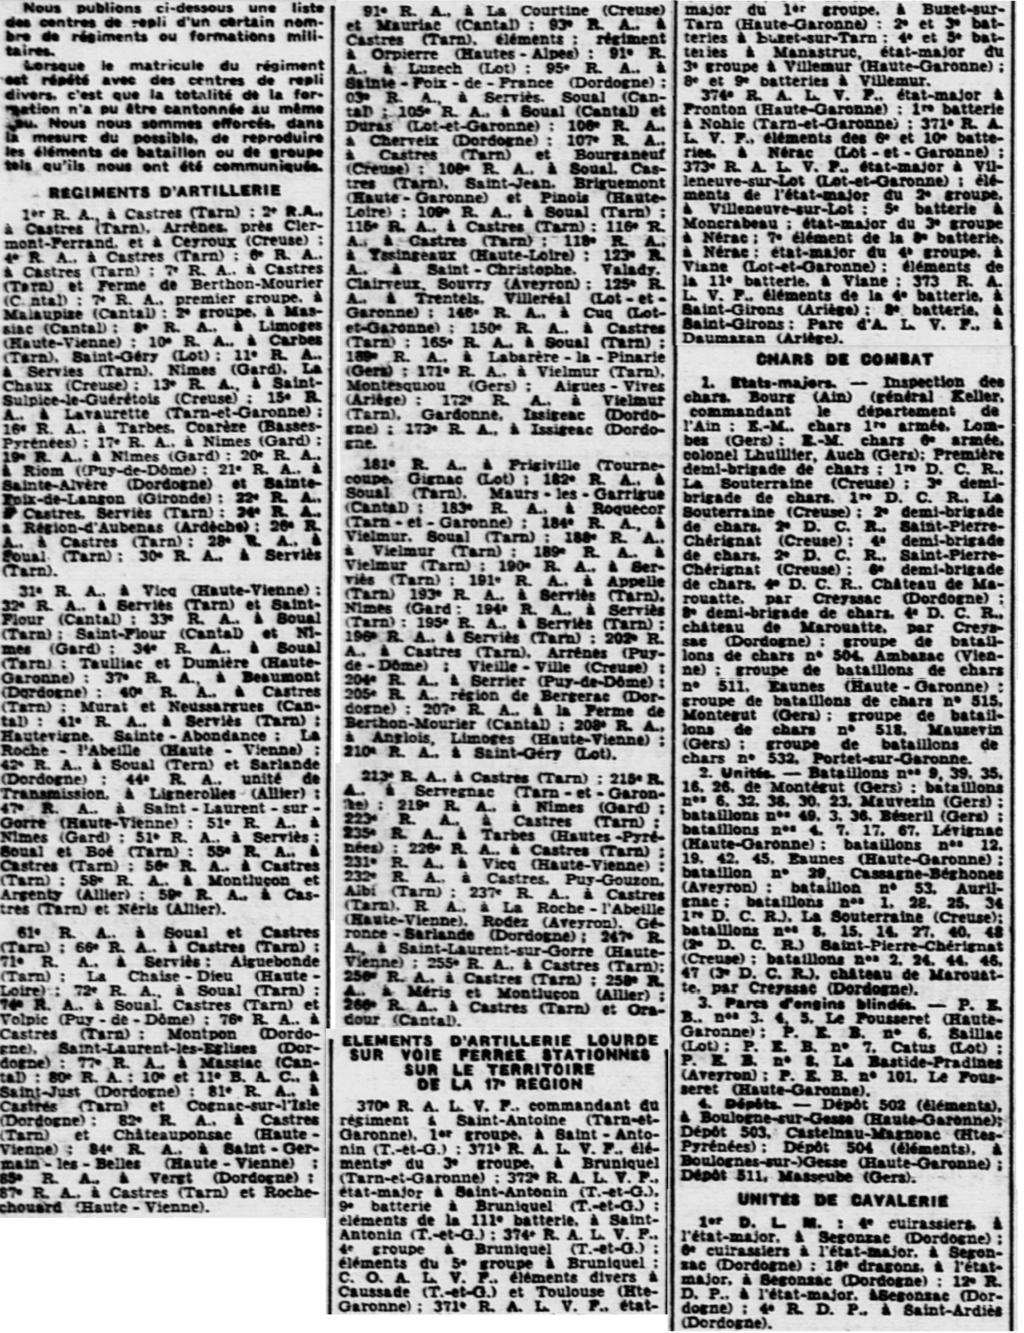 Liste des centres de repli des unités françaises 19400811